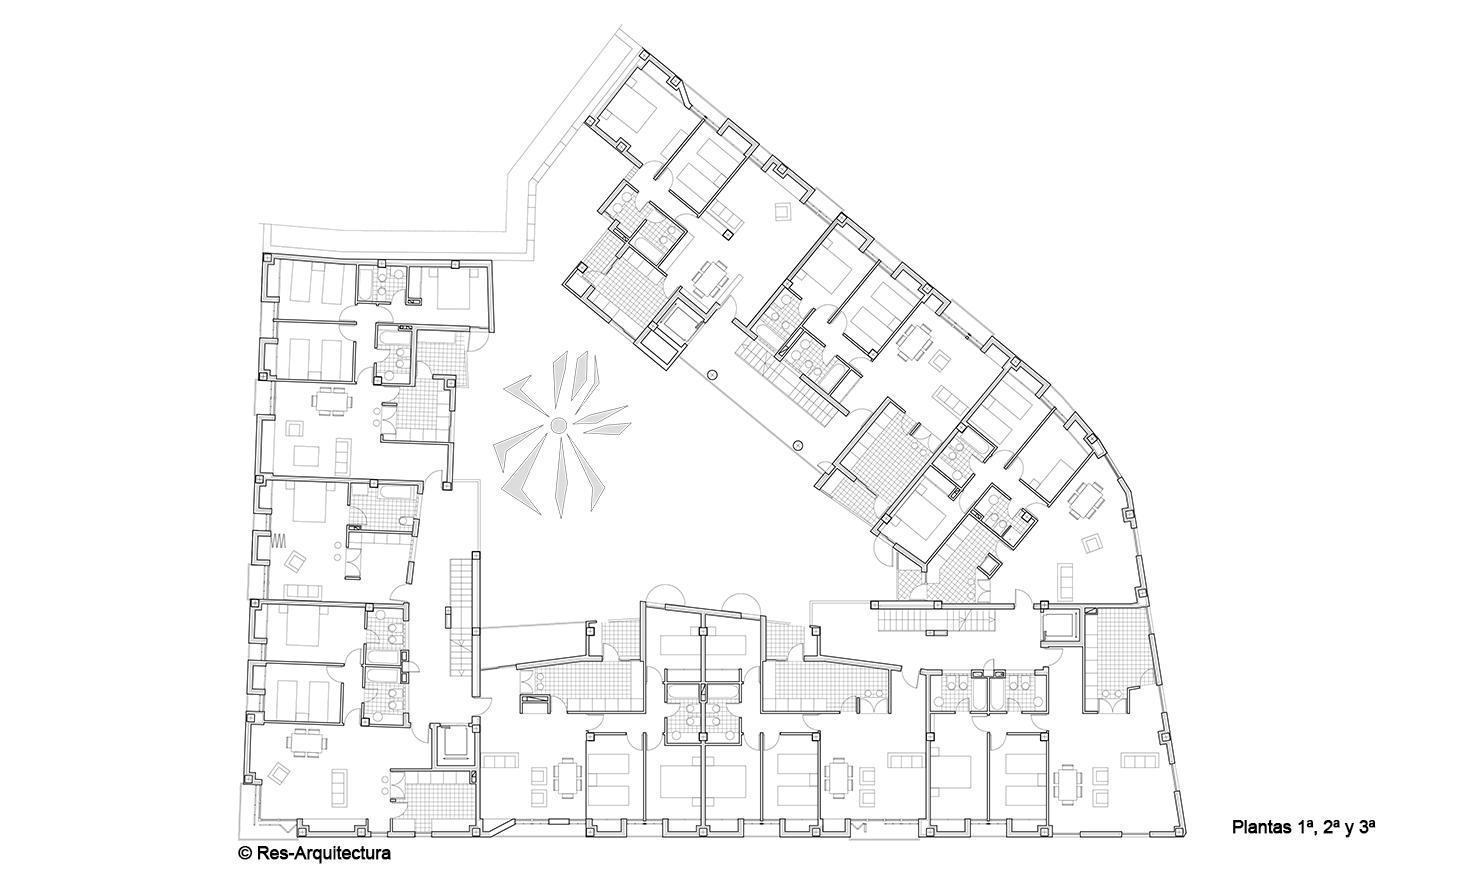 Edificio en Maldonado 16.Plantas 1ª, 2ª y 3ª